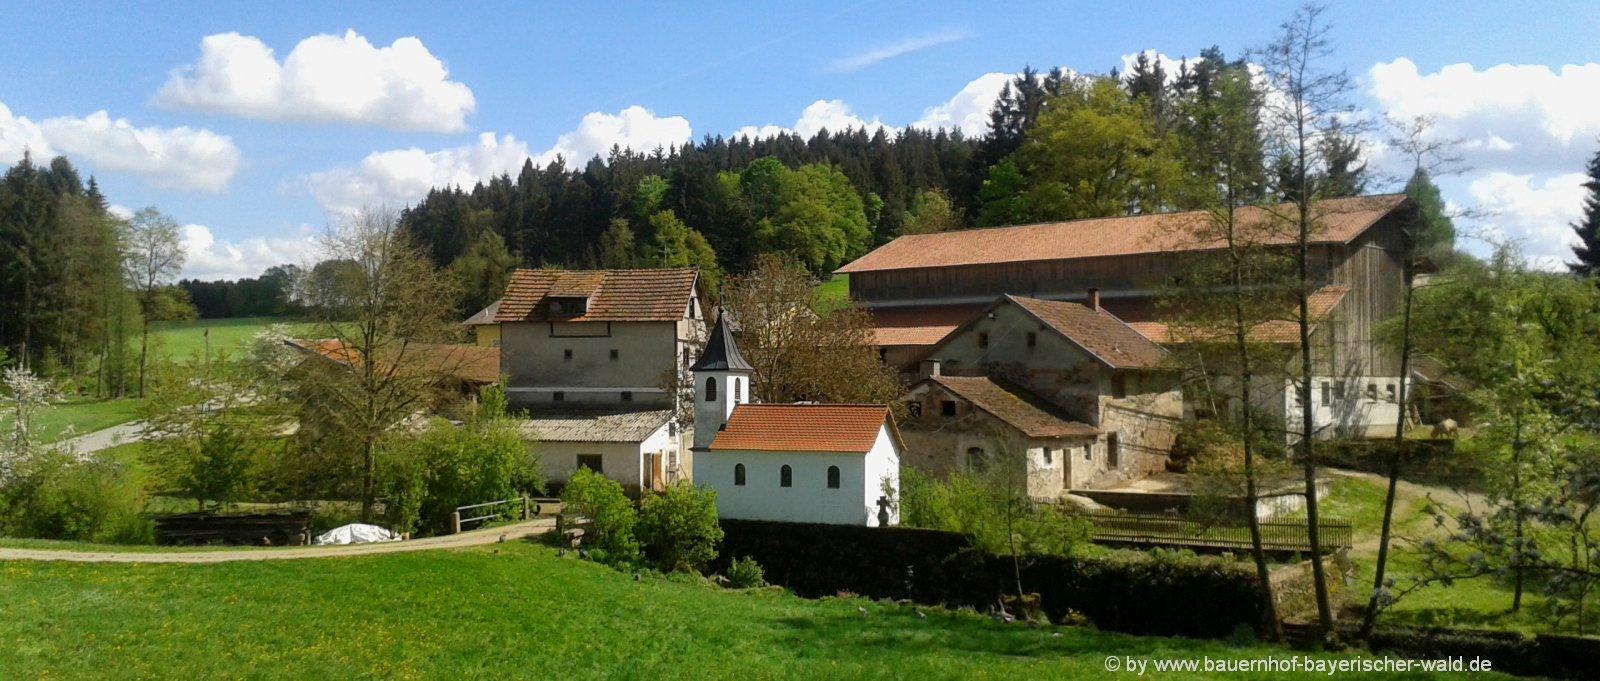 Kinder und Familien Reiturlaub auf dem Bauernhof in Bayern